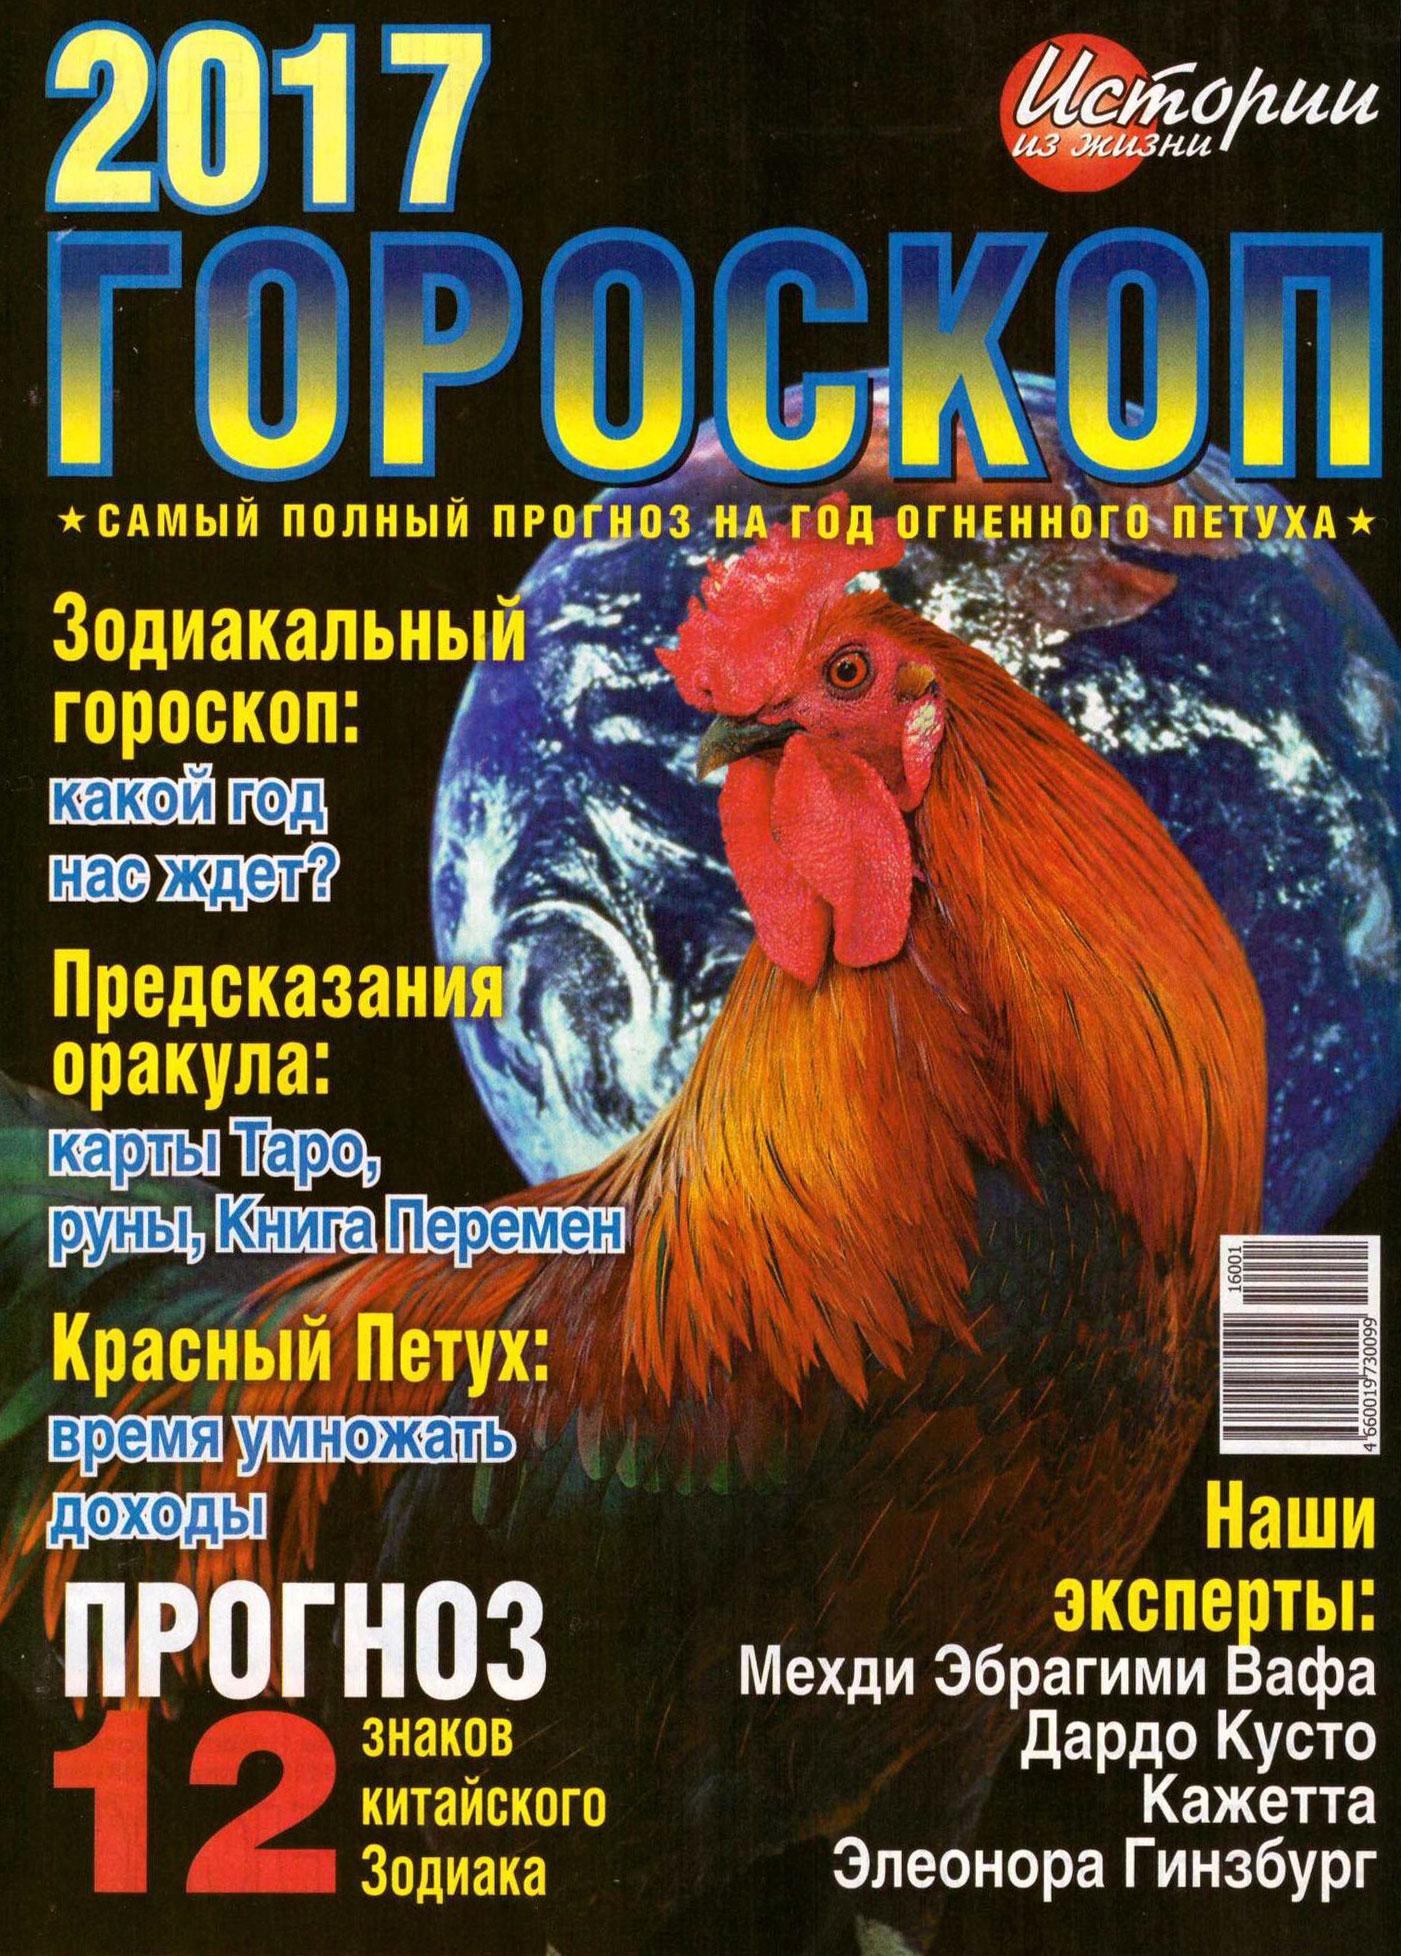 Журнал с гороскопом на 2017 год